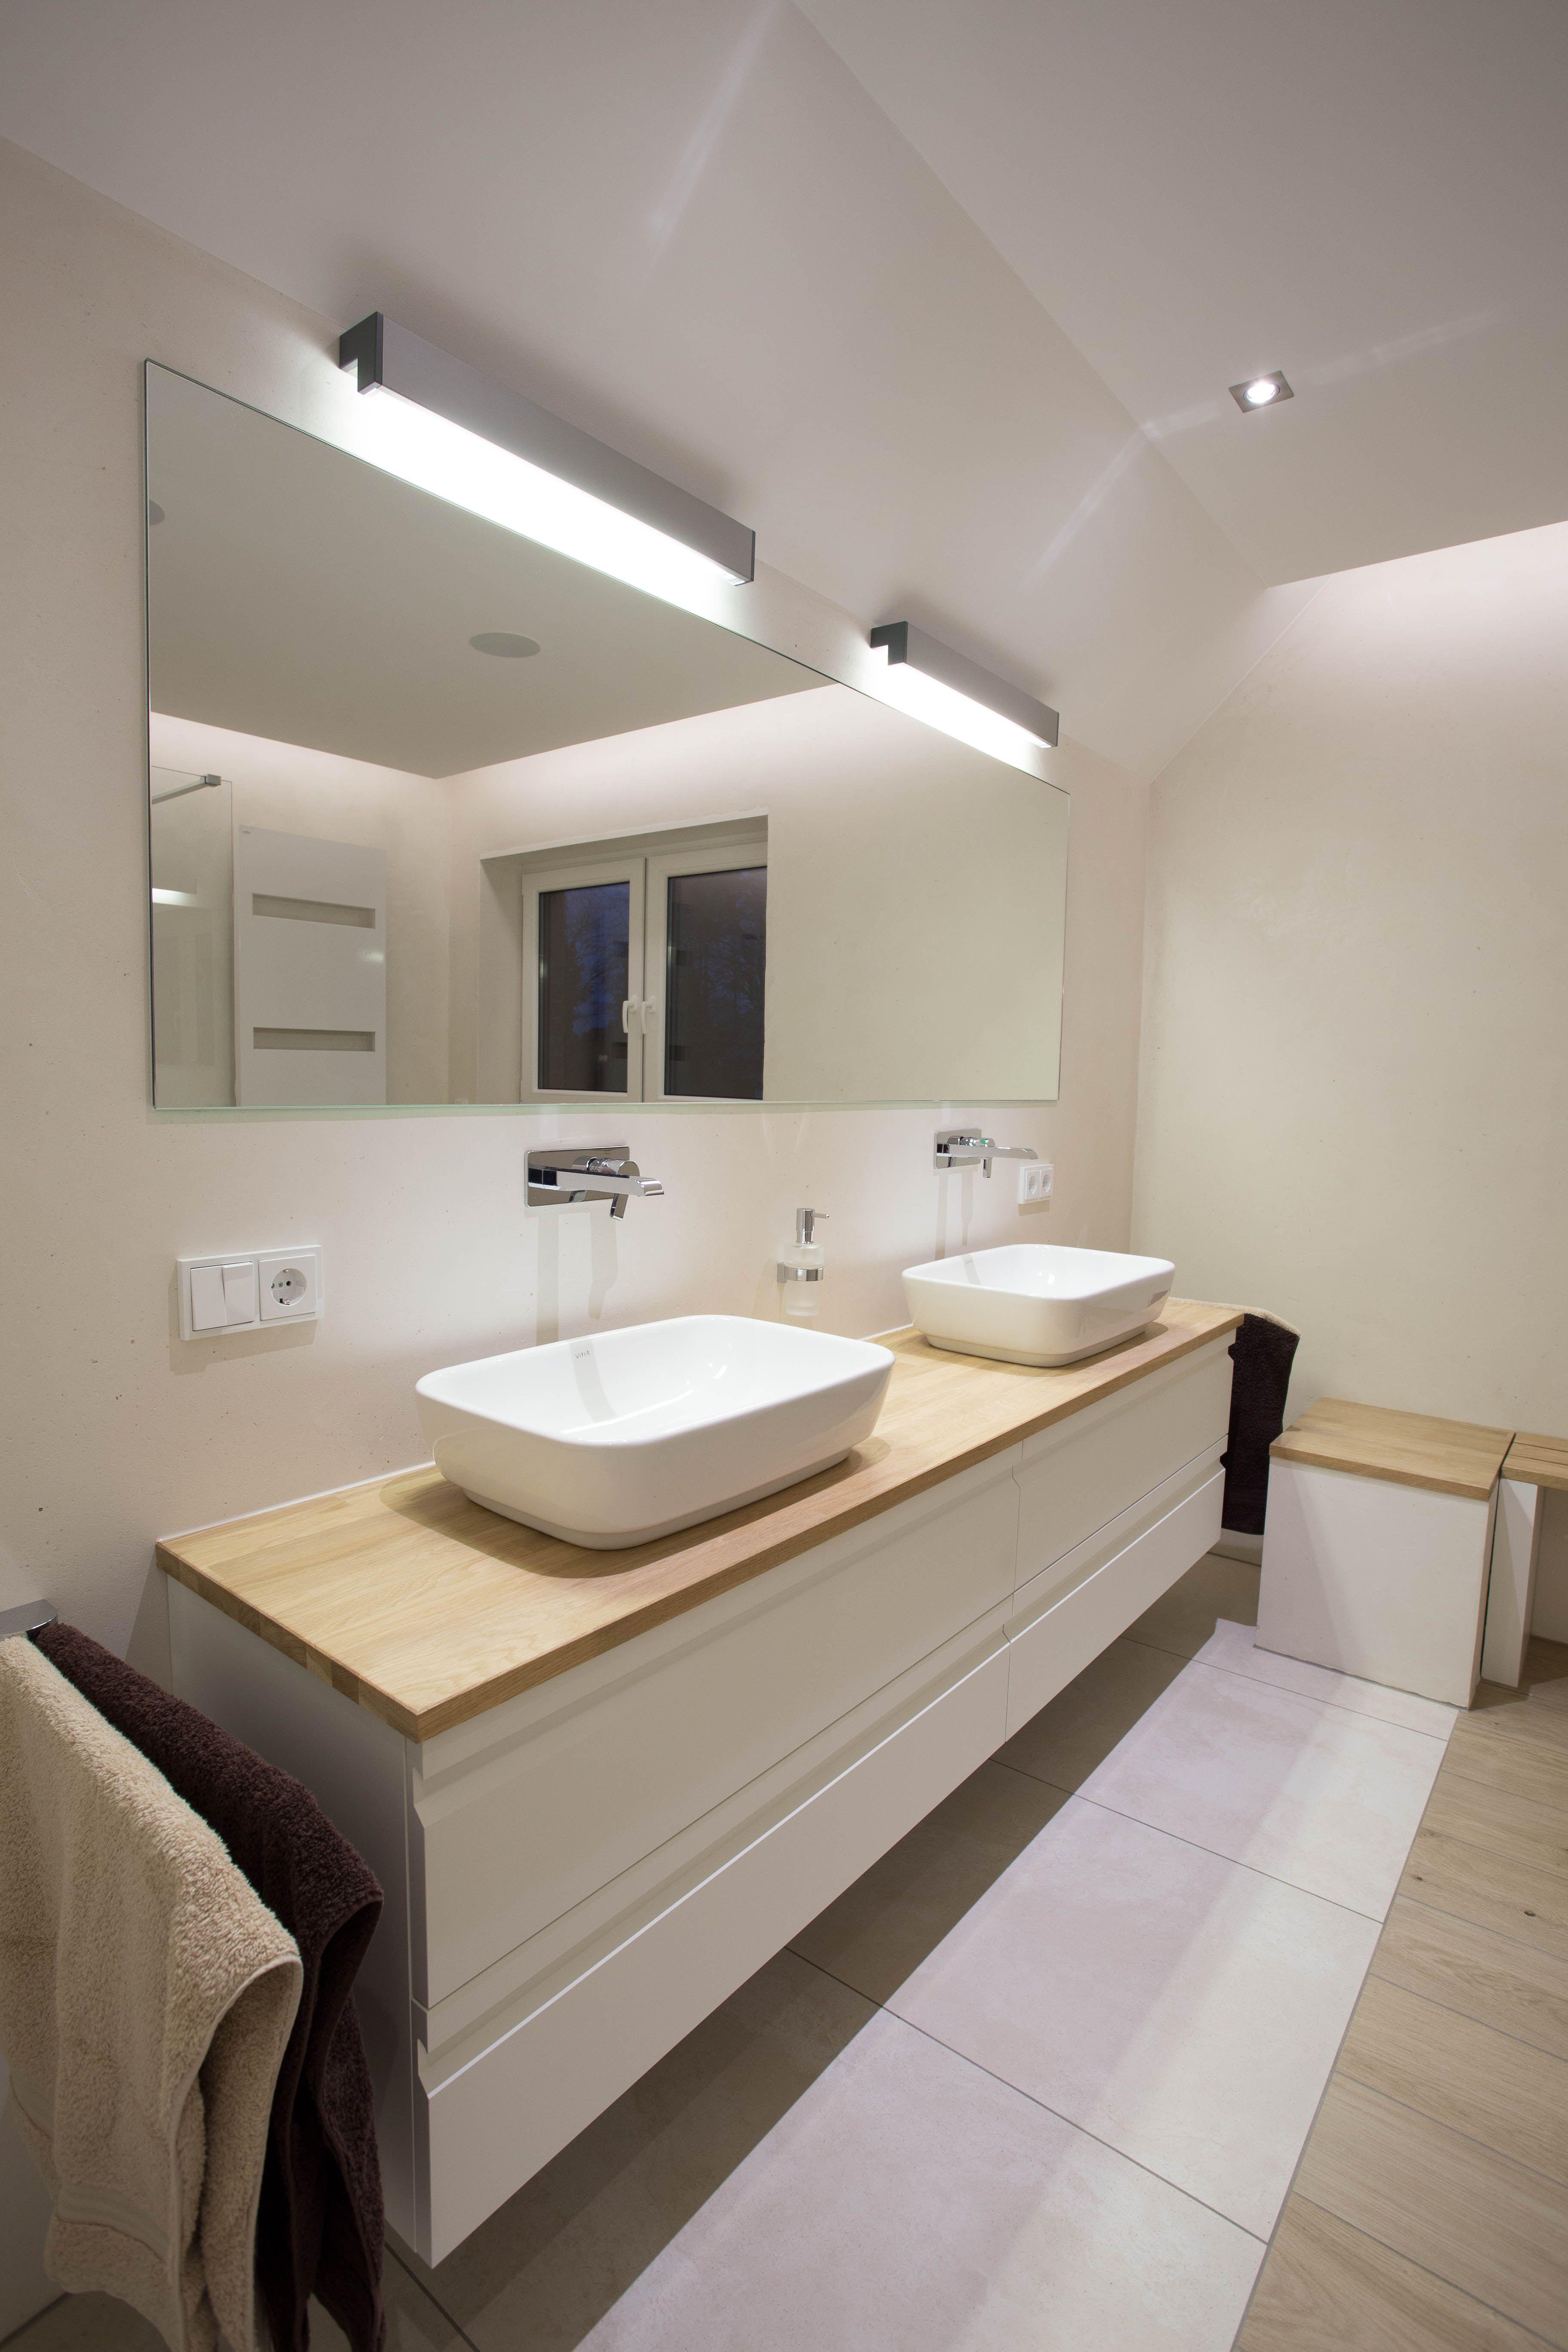 Mineralischer Edelputz Wohnung Renovieren Badezimmerideen Badezimmerspiegel Beleuchtung